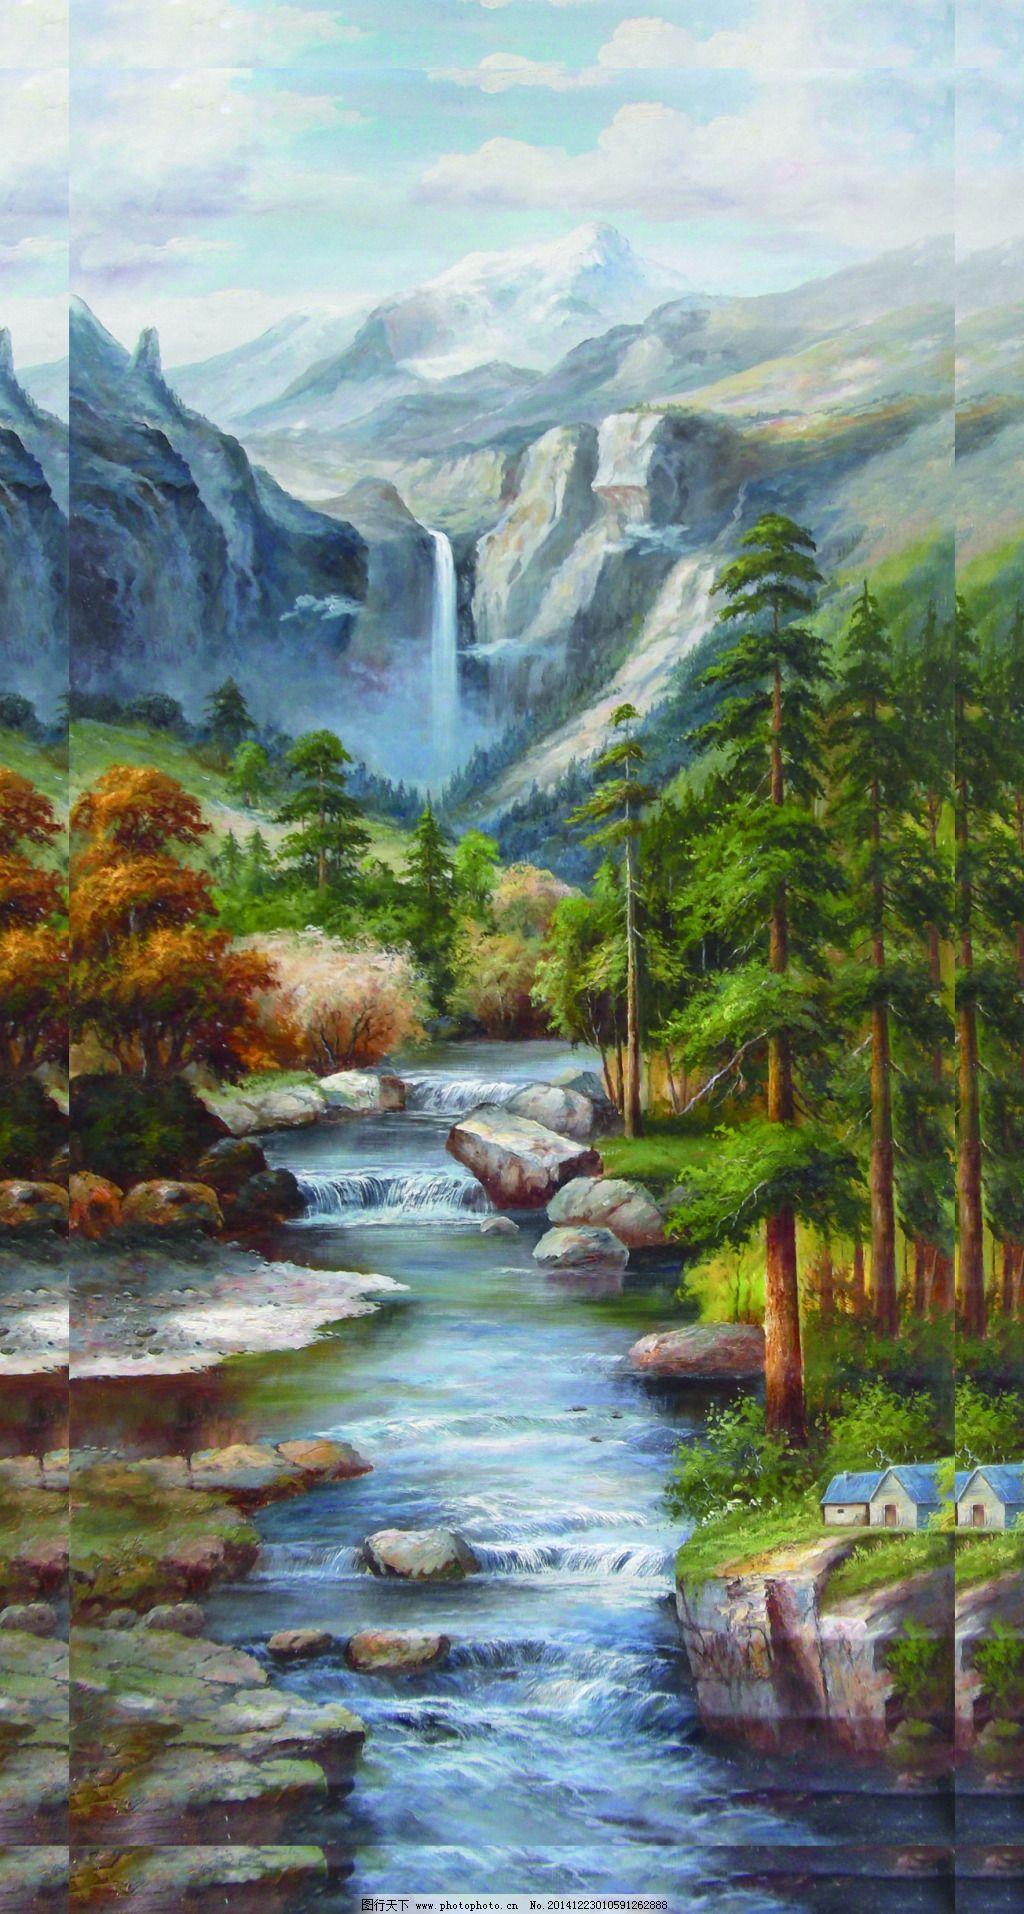 中国山水风景油画_山水风景油画大全大图图片